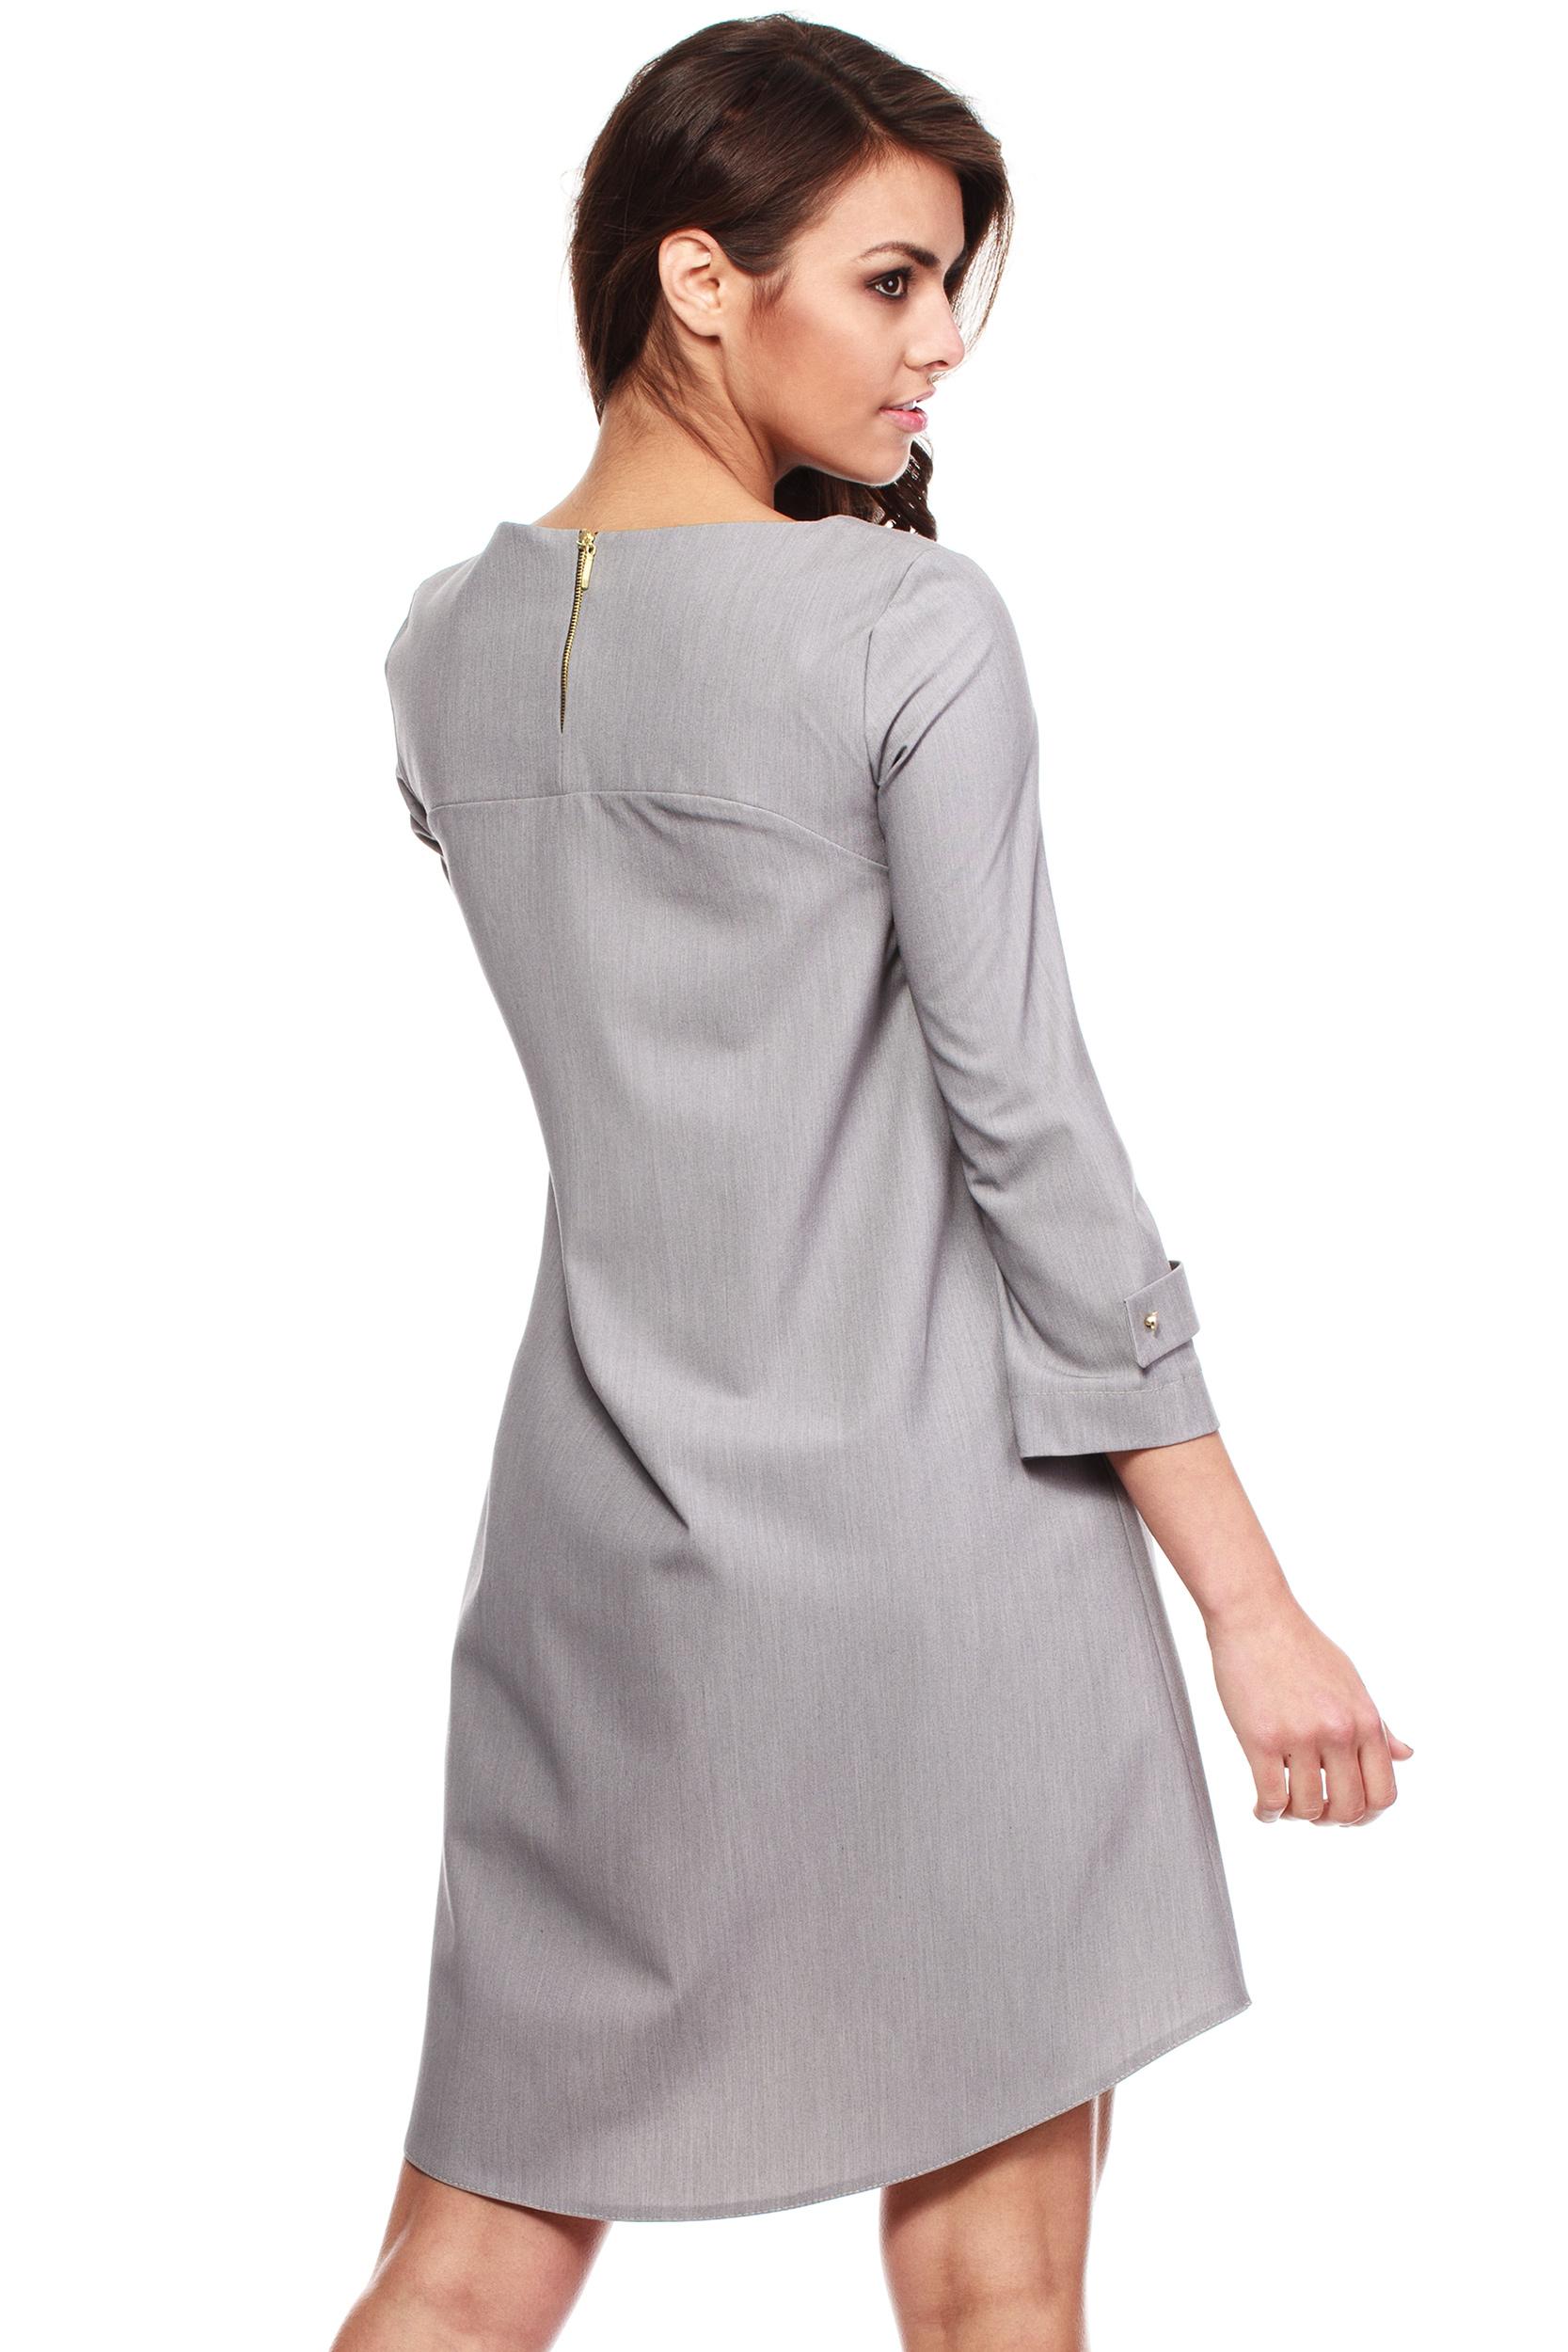 Denní šaty  model 35790 Moe